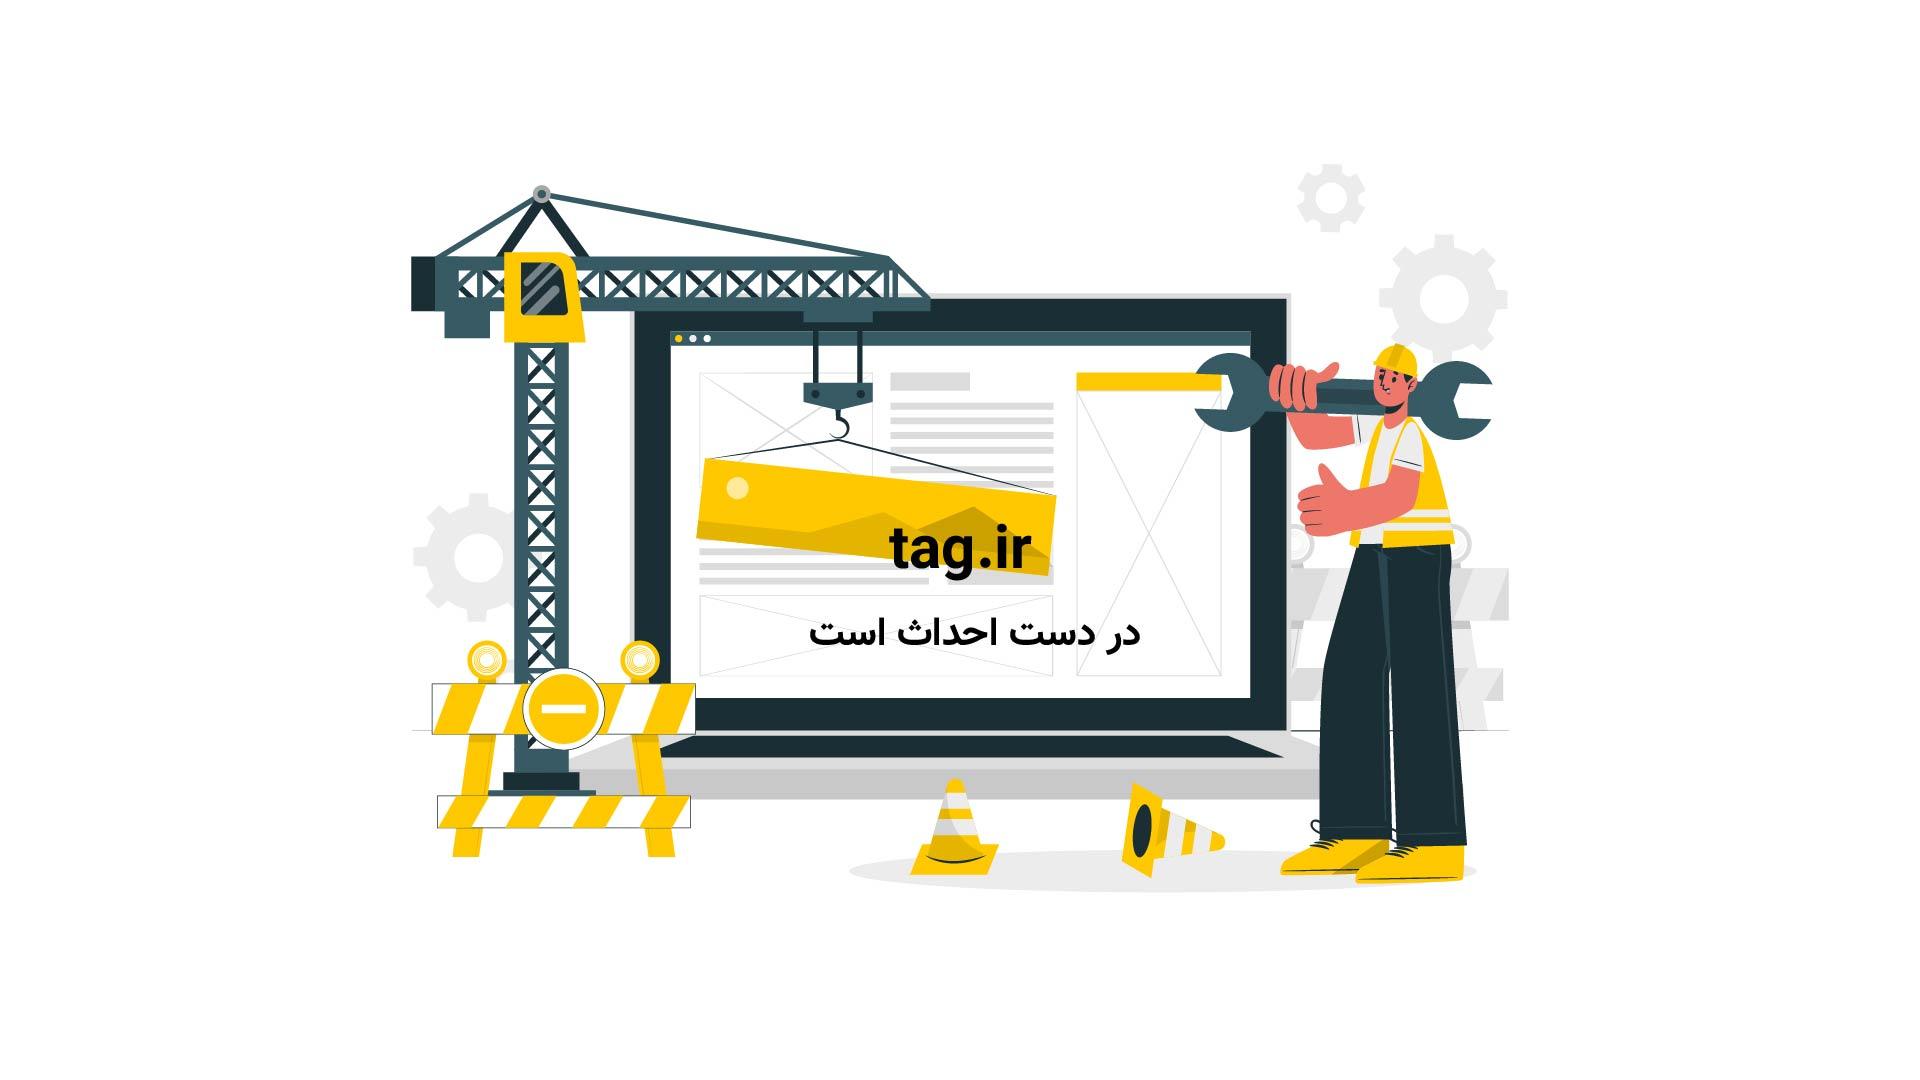 طوطی باهوش با آهنگ بندری میرقصد|تگ